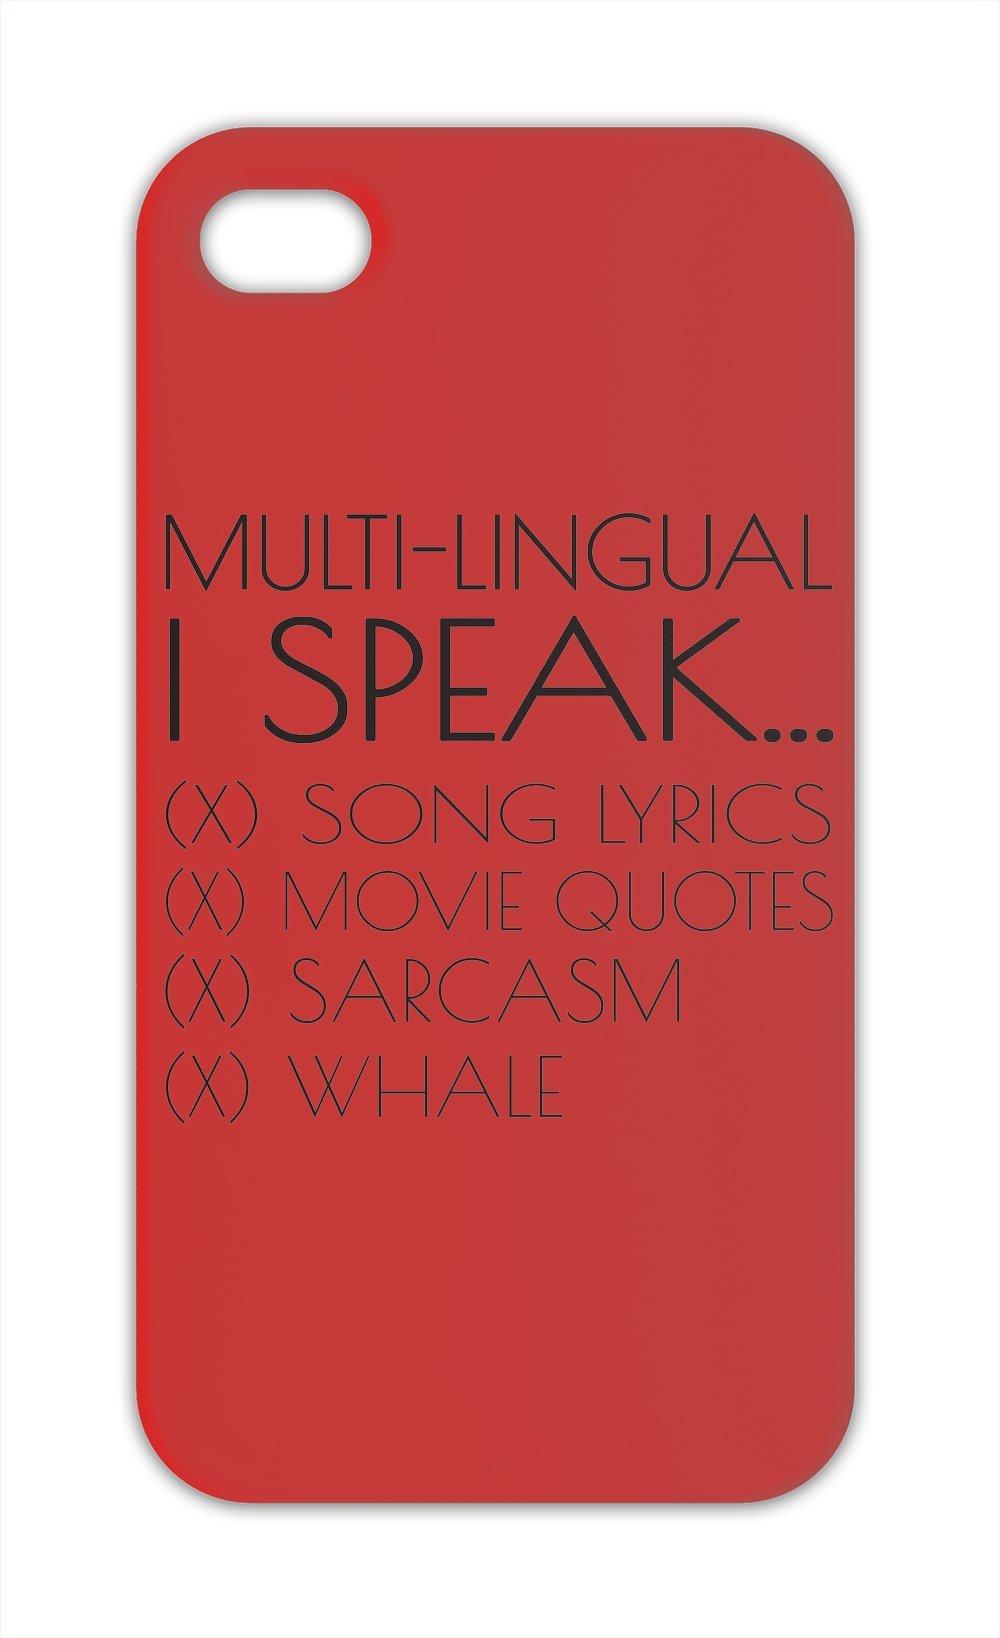 Multi lingües I Speak busqua Sarcasm con letra de la canción de frases de Carcasa para iphone 5 y 5S funda-: Amazon.es: Electrónica